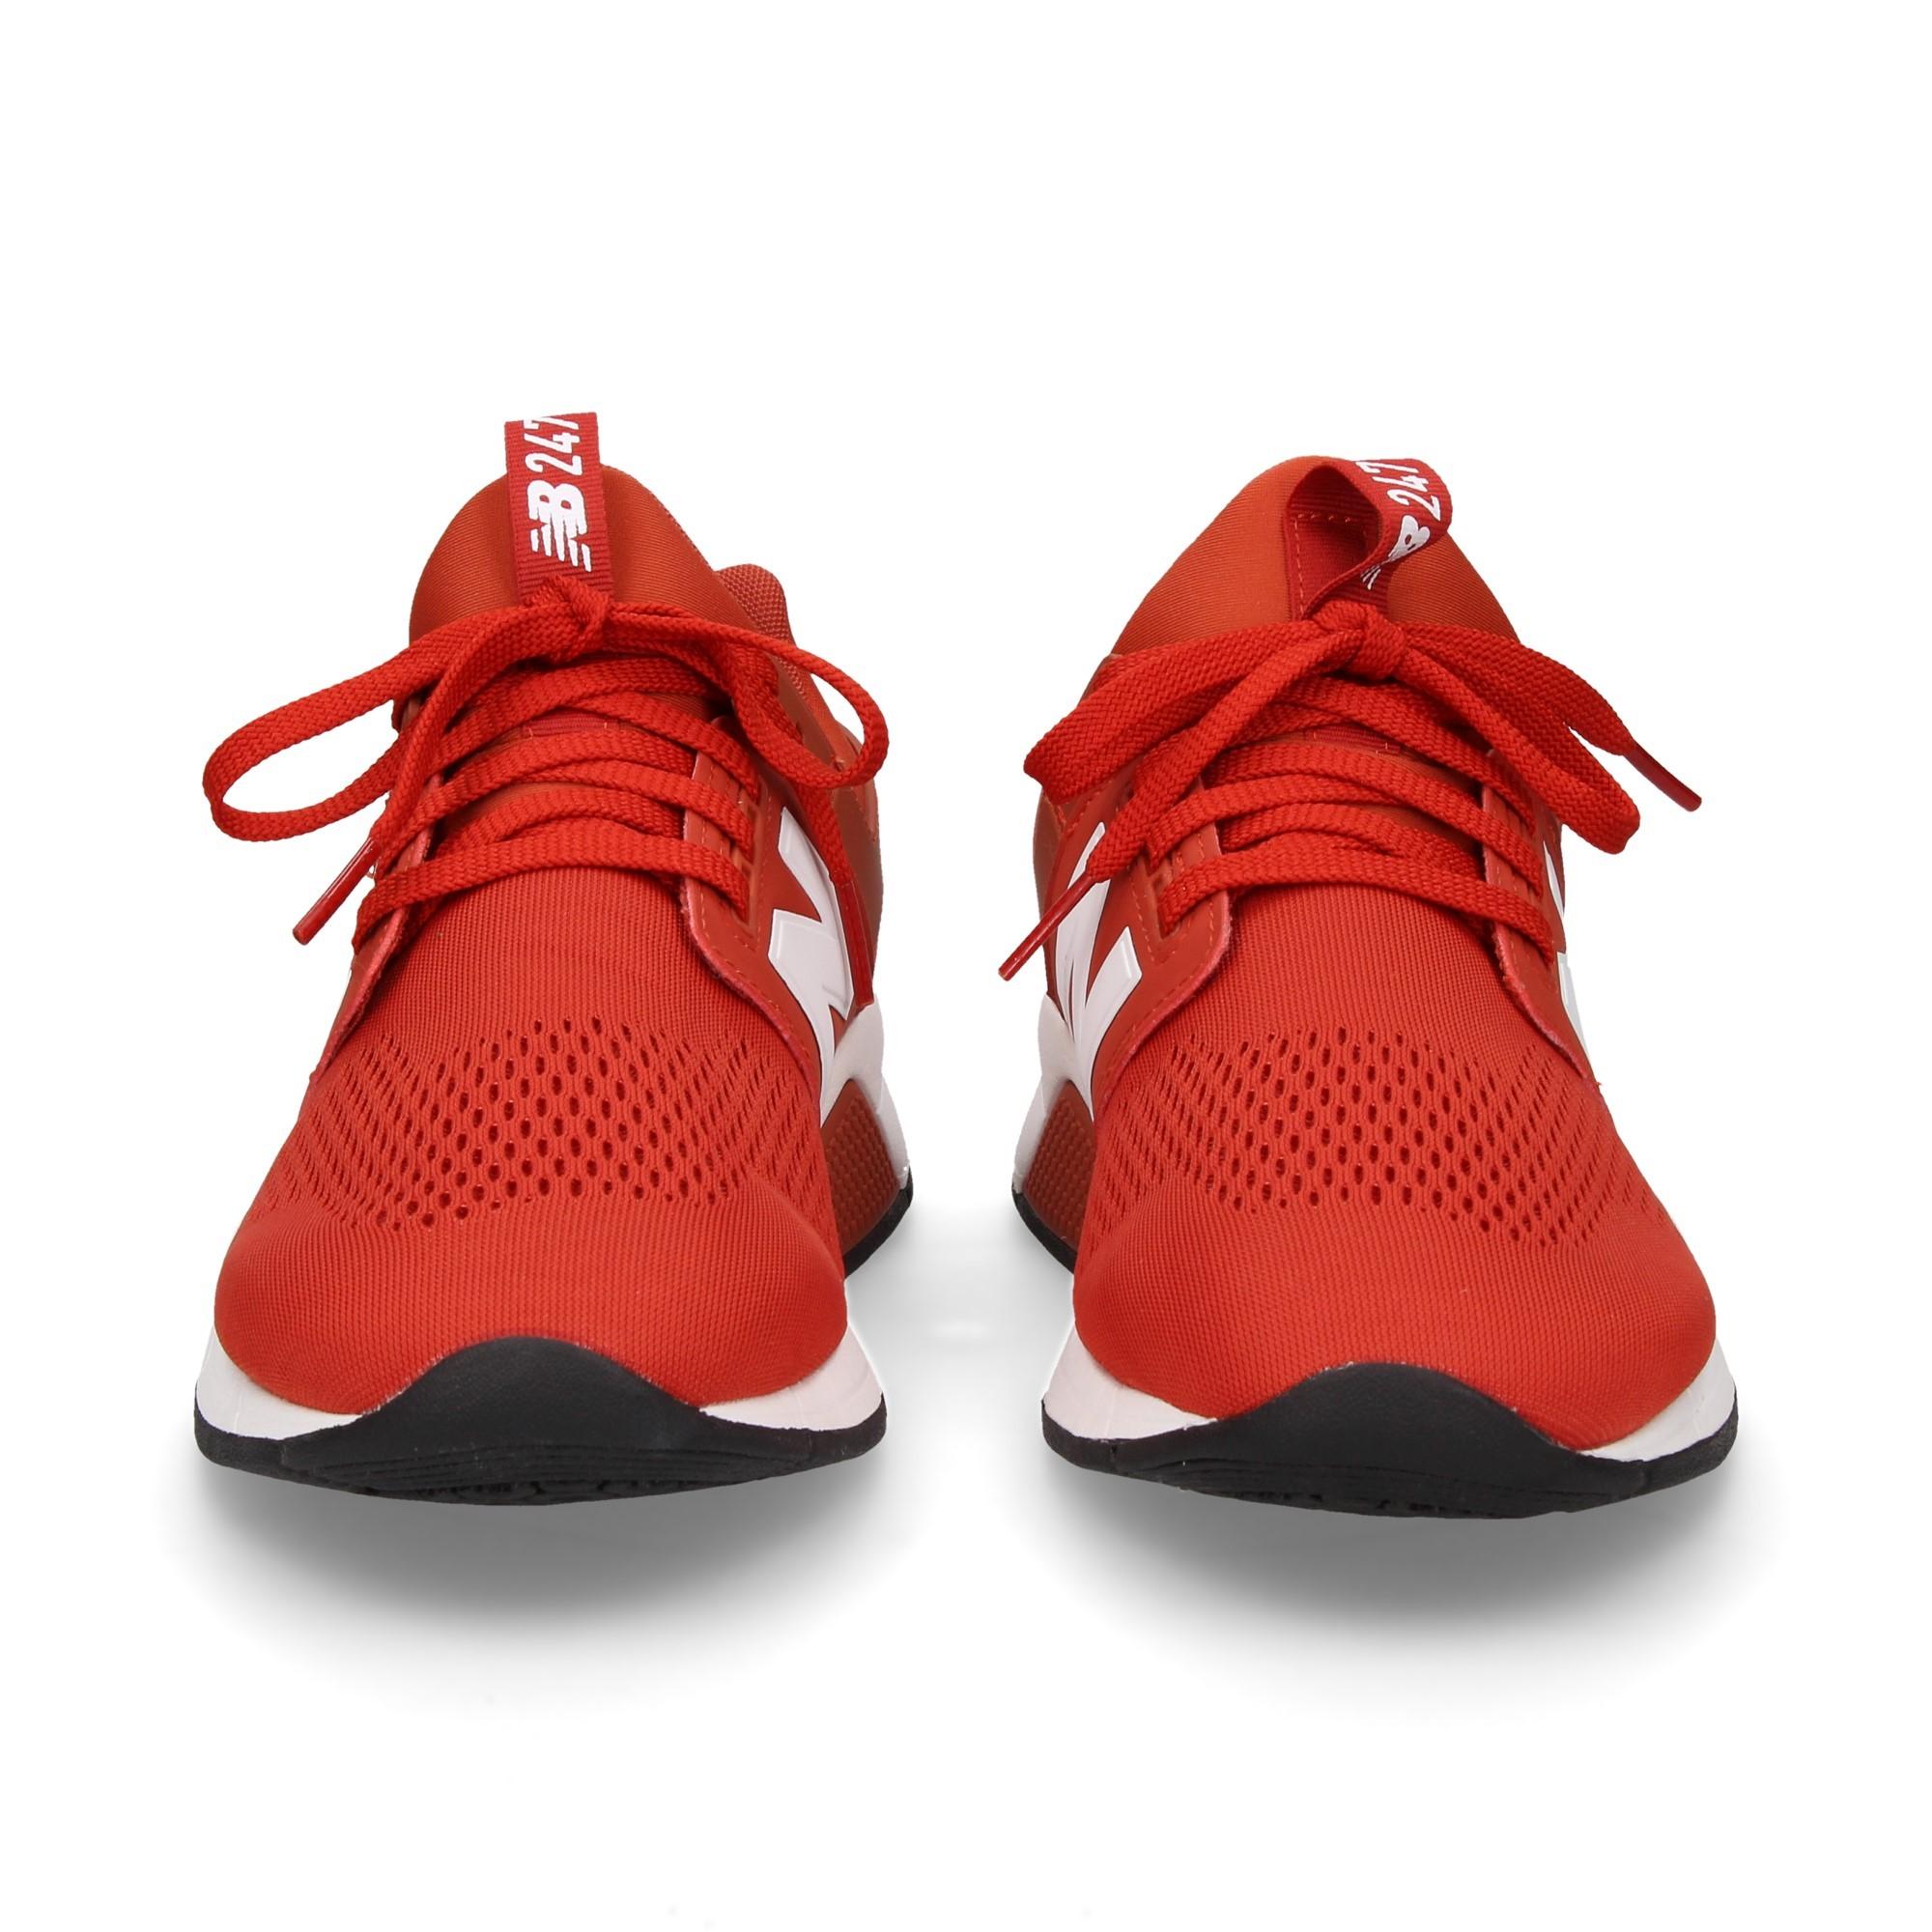 deportivo-malla-rojo